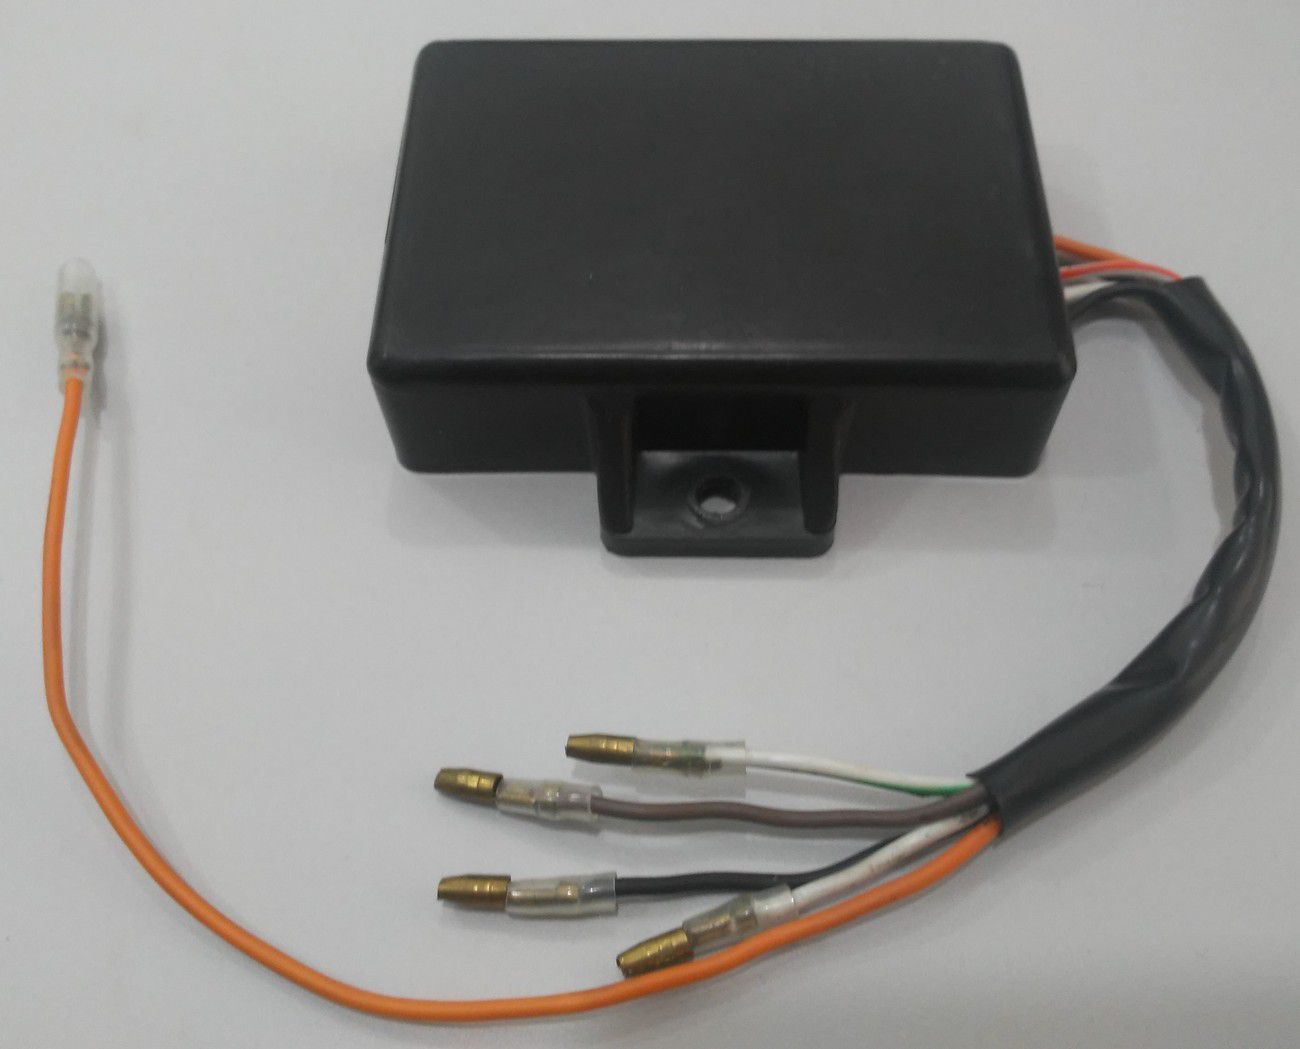 Central da Ignição CDI Modelo Similar Original Yamaha RD 135 Alimentado 12v Bateria (Elimina a bobina de força e auxiliar do estator)